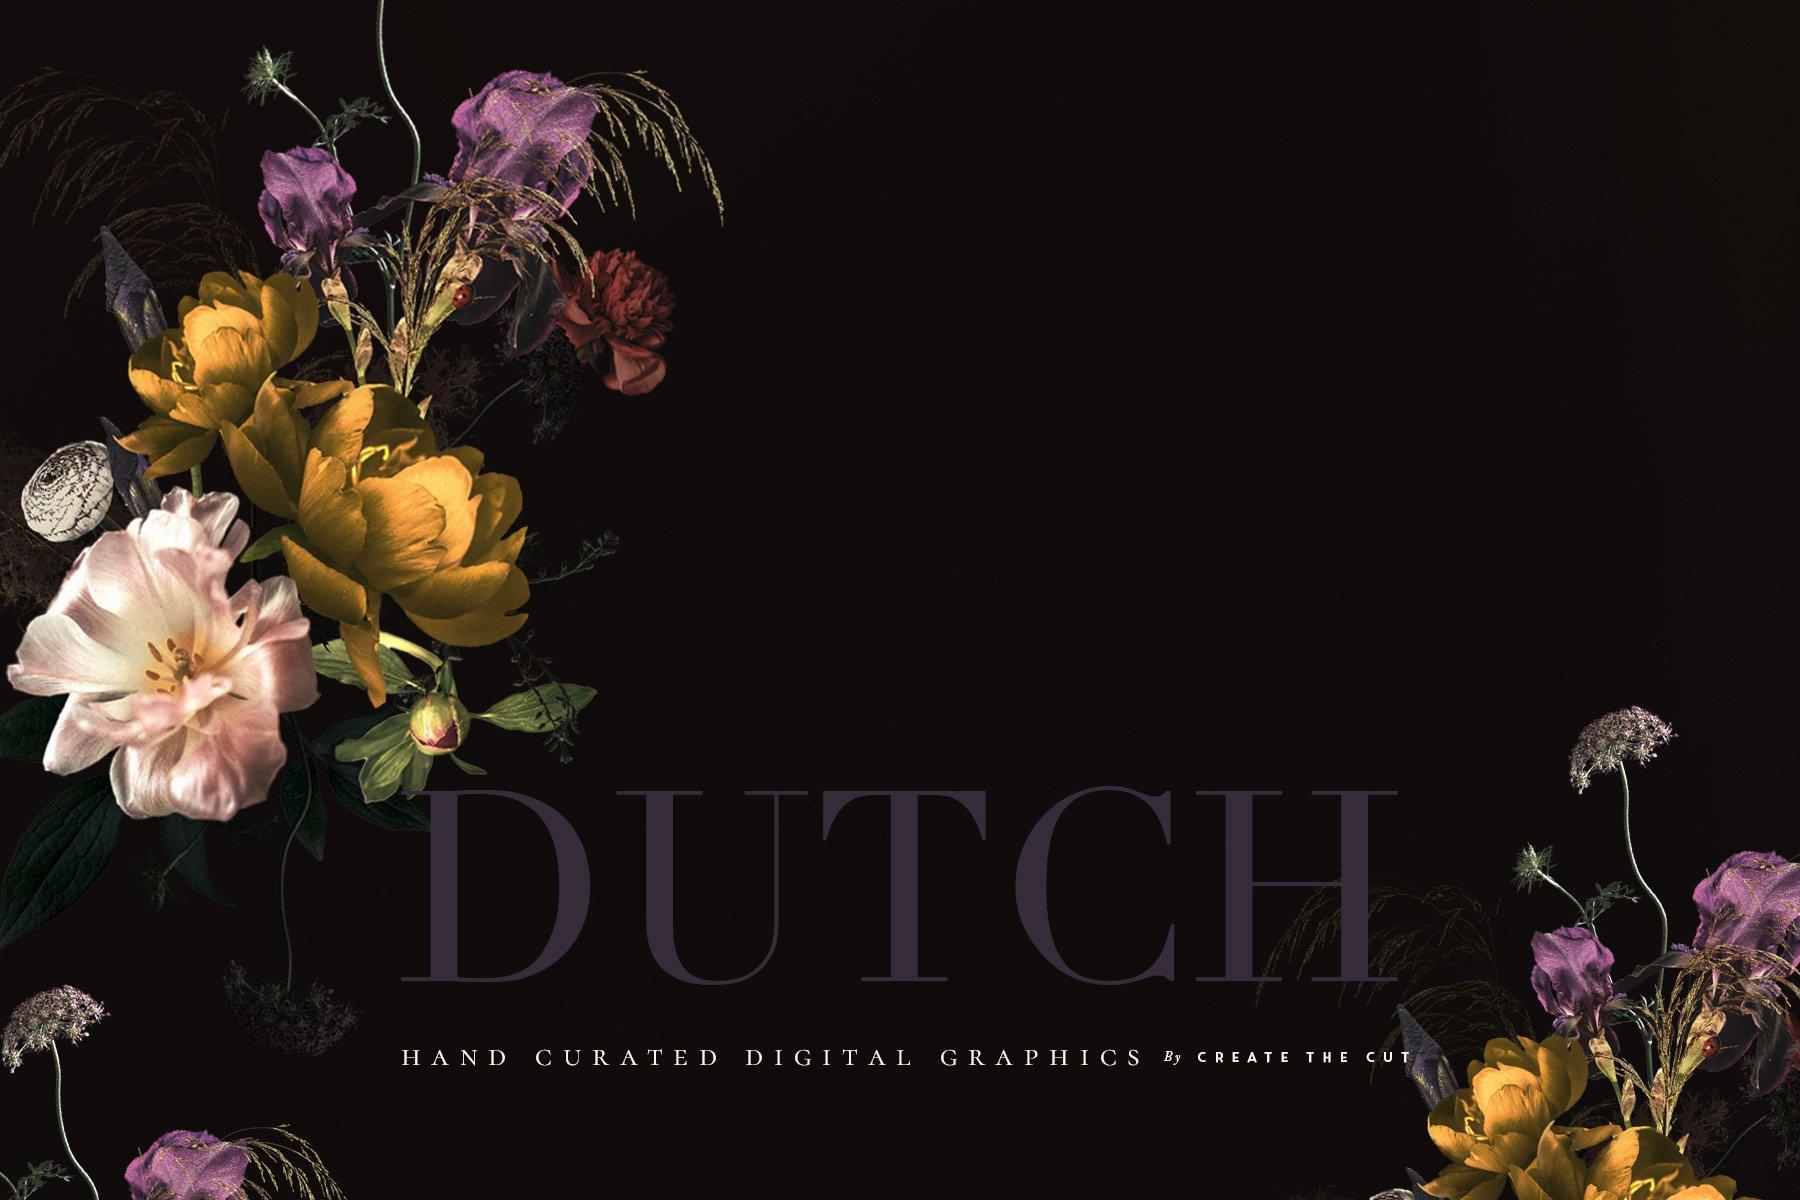 奢华复古宫廷花卉植物海报视觉设计PNG图片素材 Vintage Floral Clip Art – Dutch插图(1)